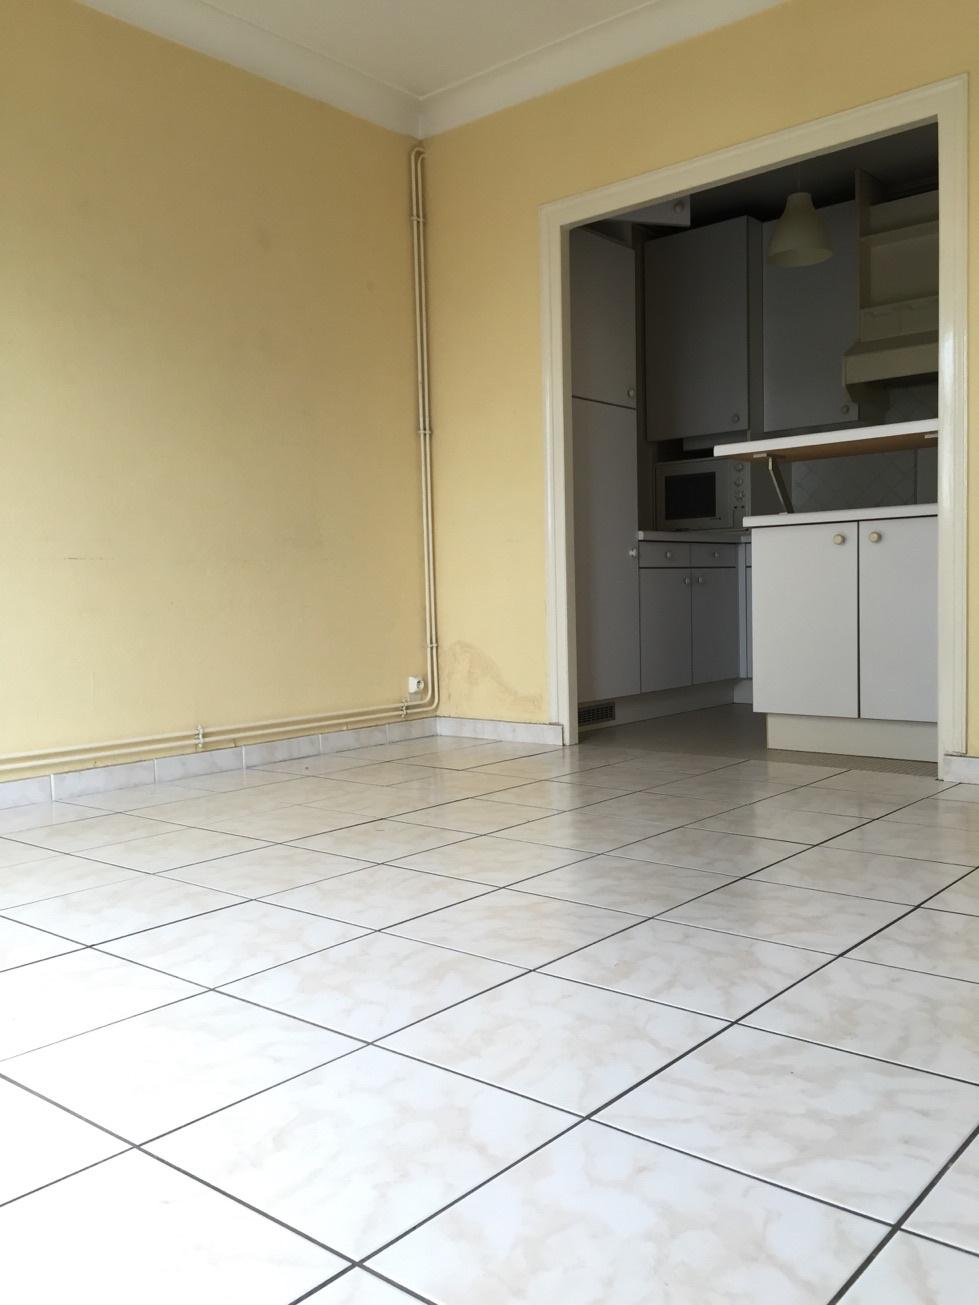 Vente nantes maisons et appartements for Acheter une maison a nantes